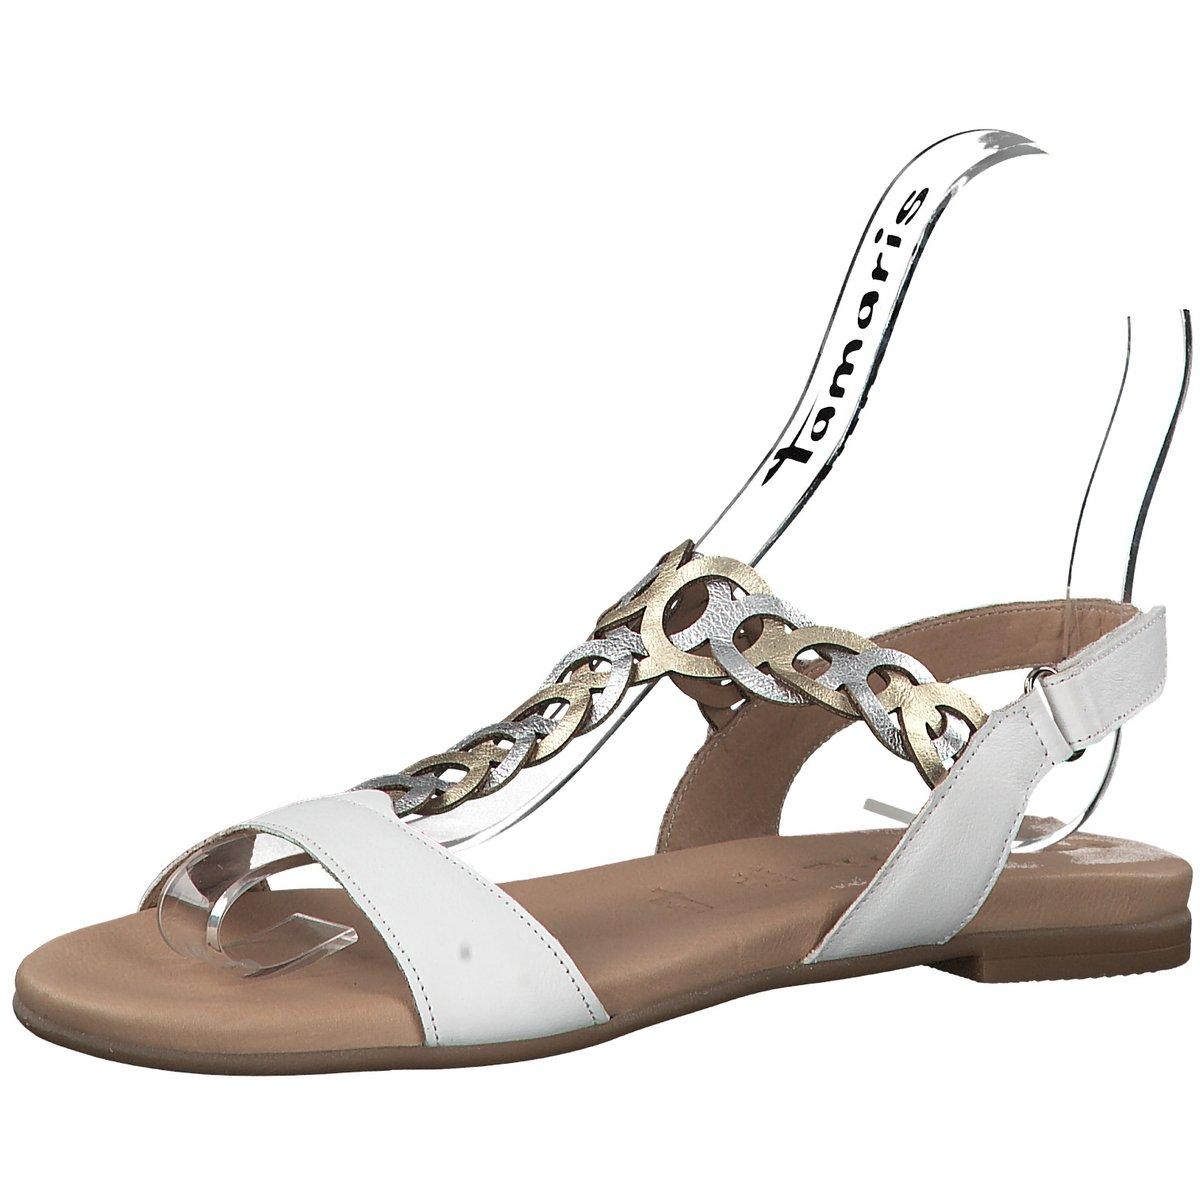 Tamaris Weiß Zu Sandaletten 28127 197 Sandalette Damen 604411 In Details Flache 8wkOPn0